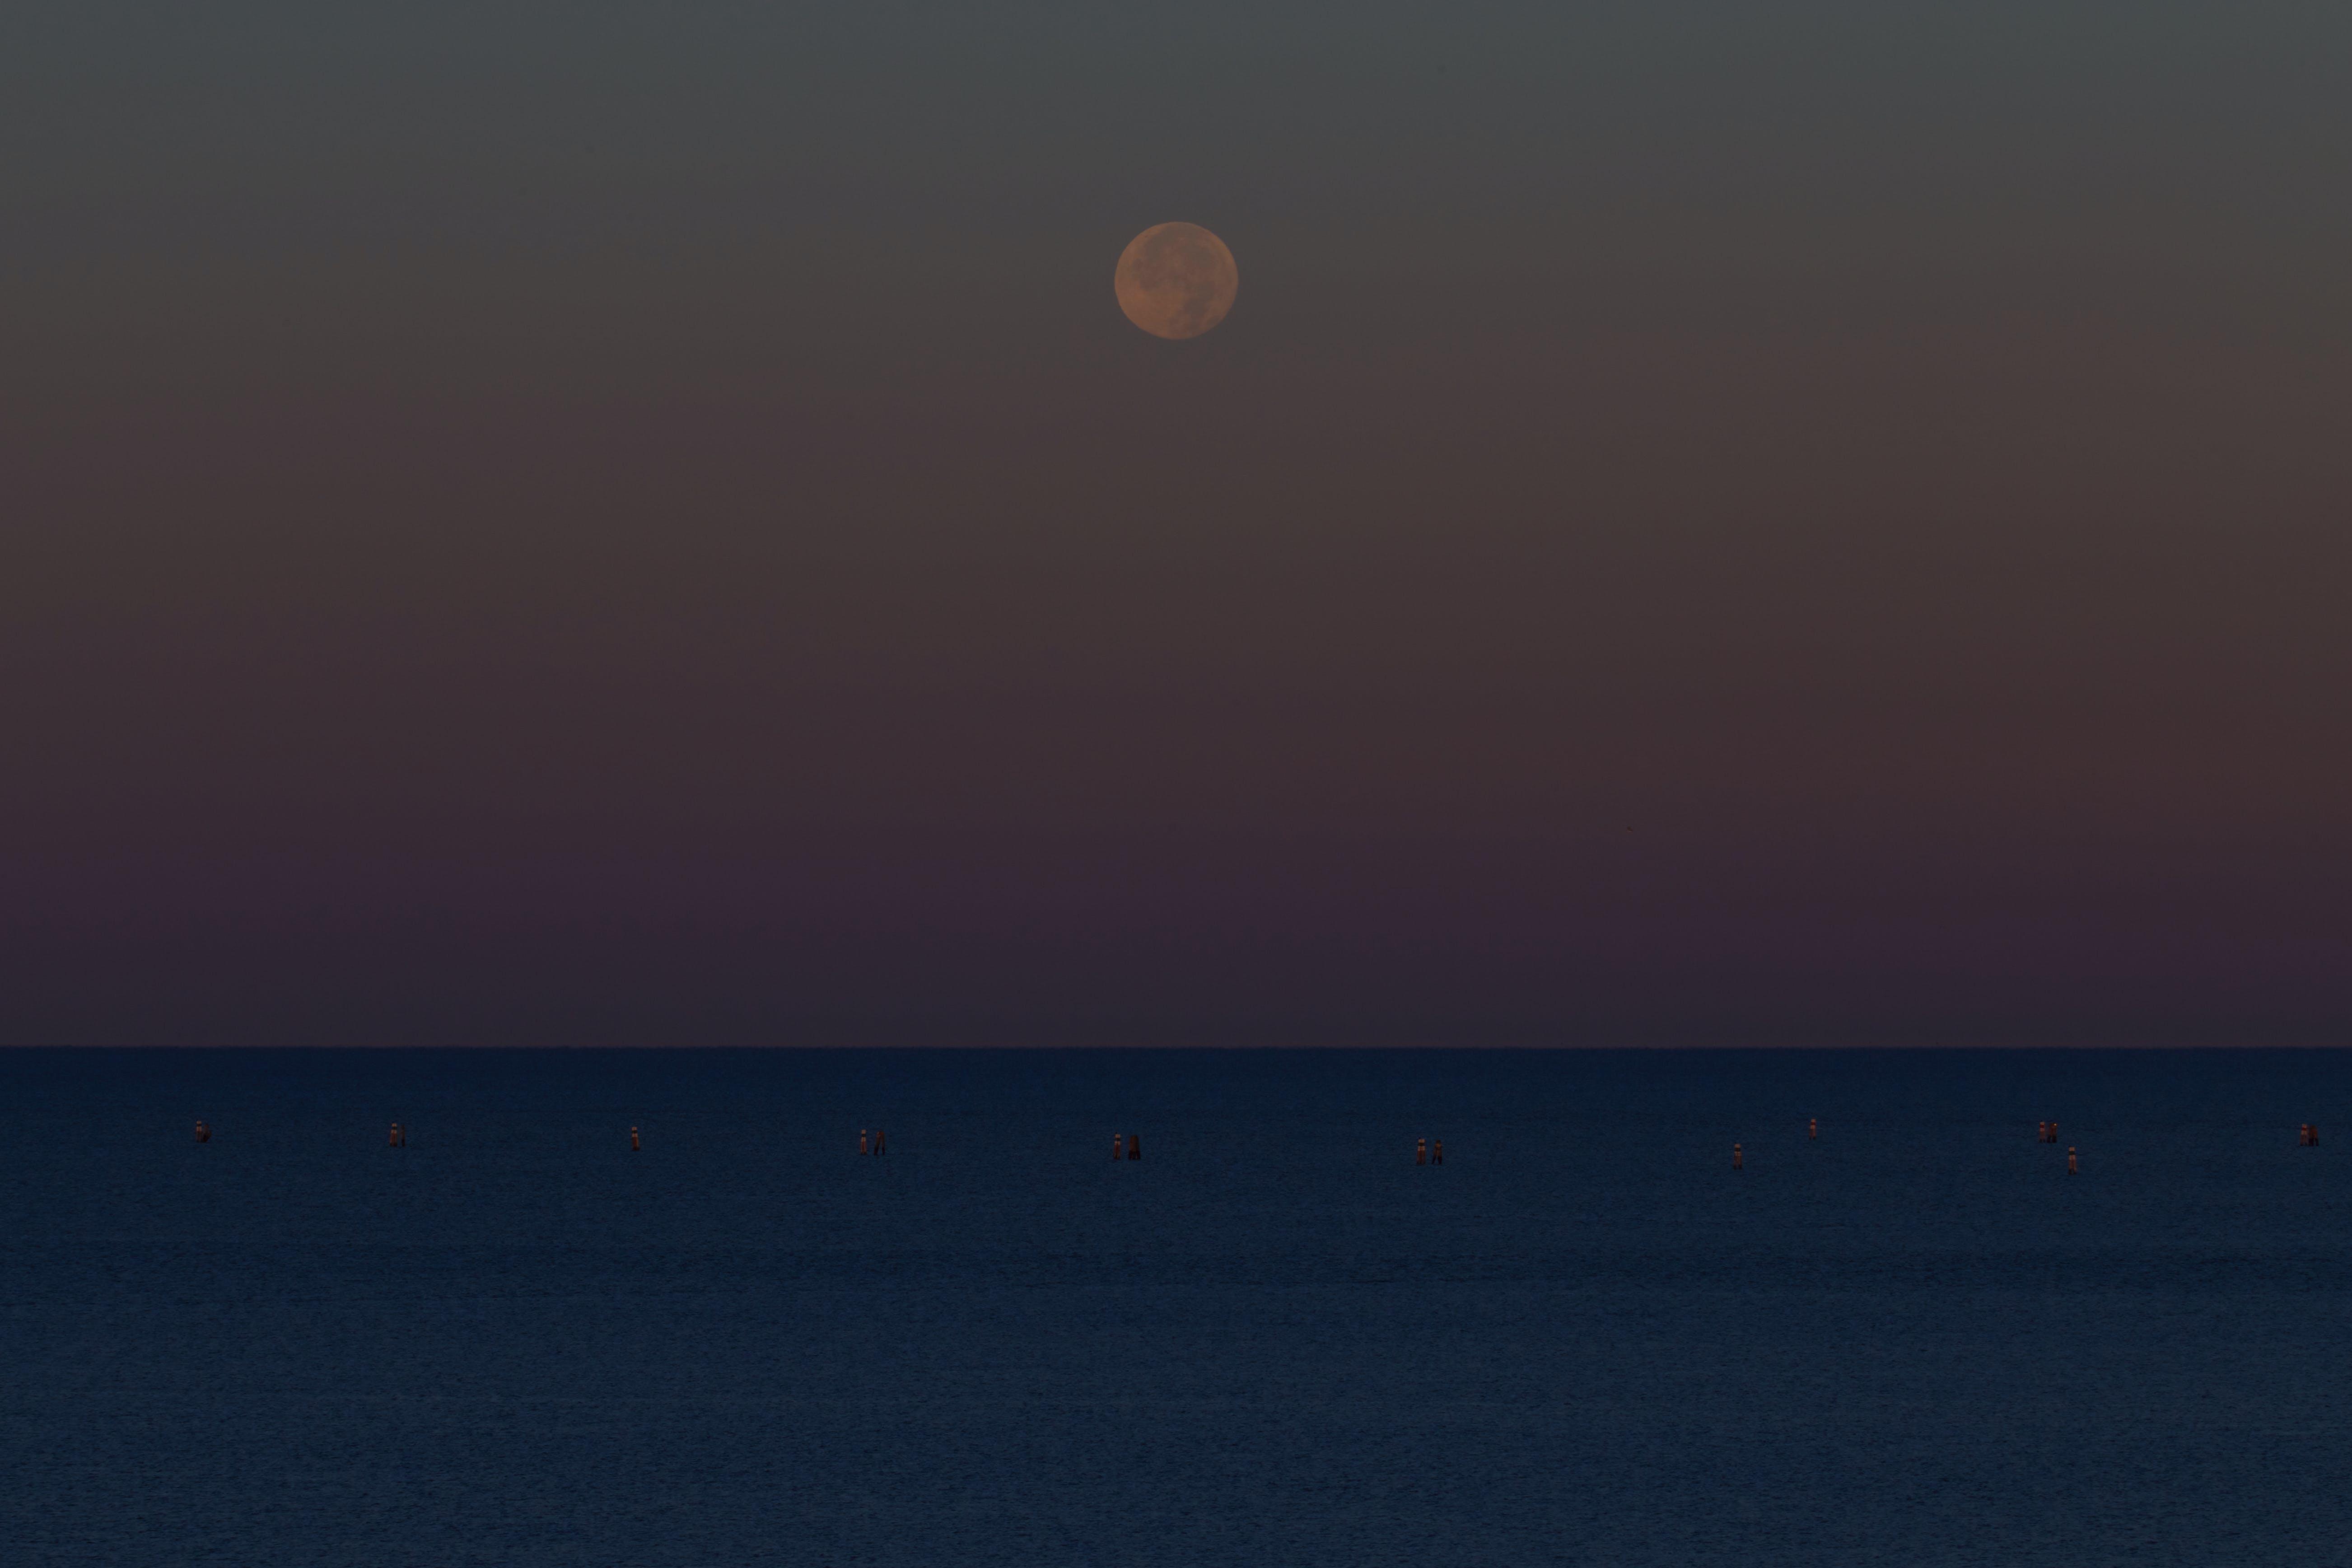 그레도, 기하학적, 달, 달 착륙의 무료 스톡 사진